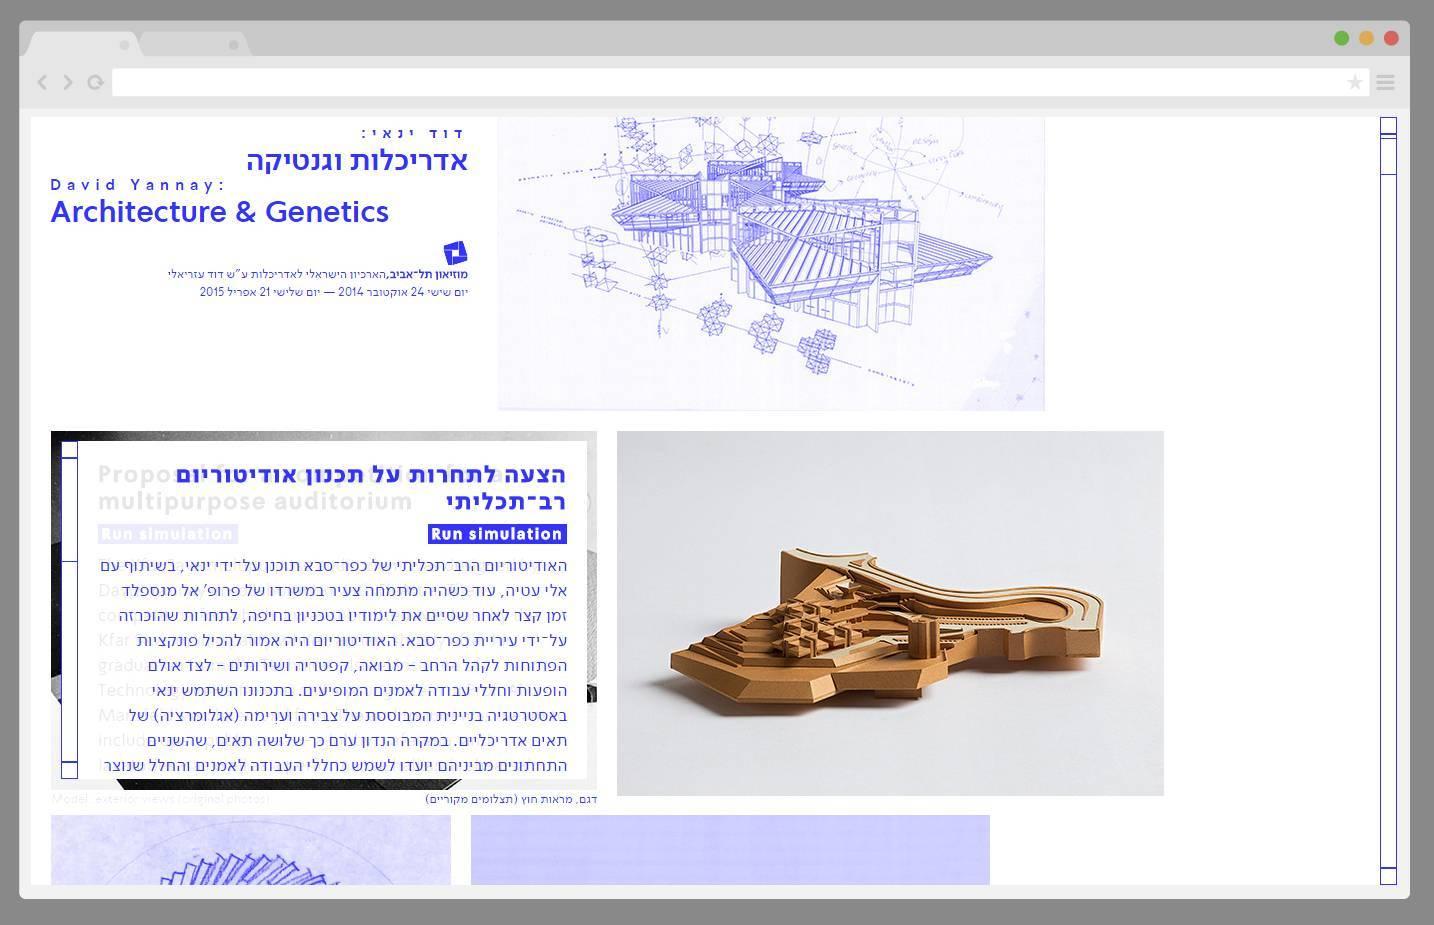 מתוך הקטלוג הדיגיטלי לתערוכה של דוד ינאי